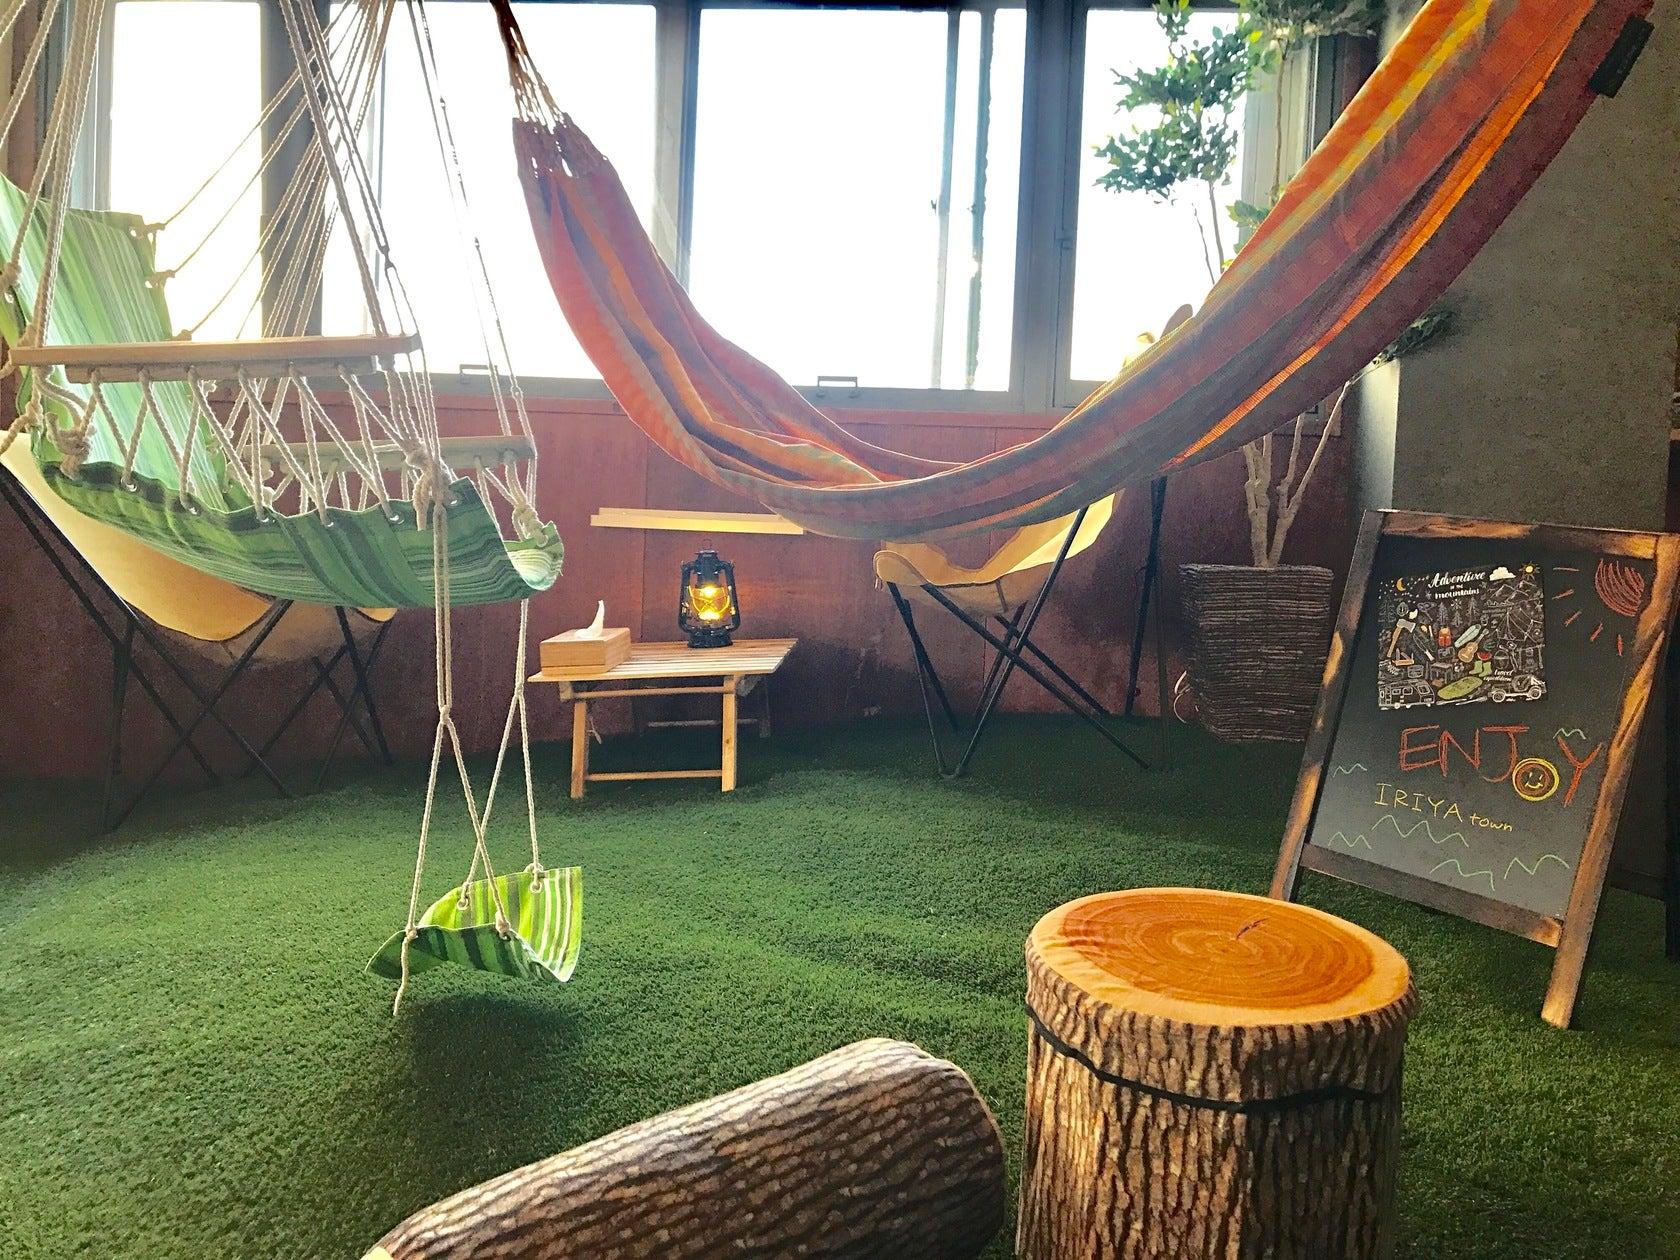 屋内キャンプ・グランピングが楽しめるスペースです☆ハンモック・ブランコ・テント・無煙ロースターあり の写真